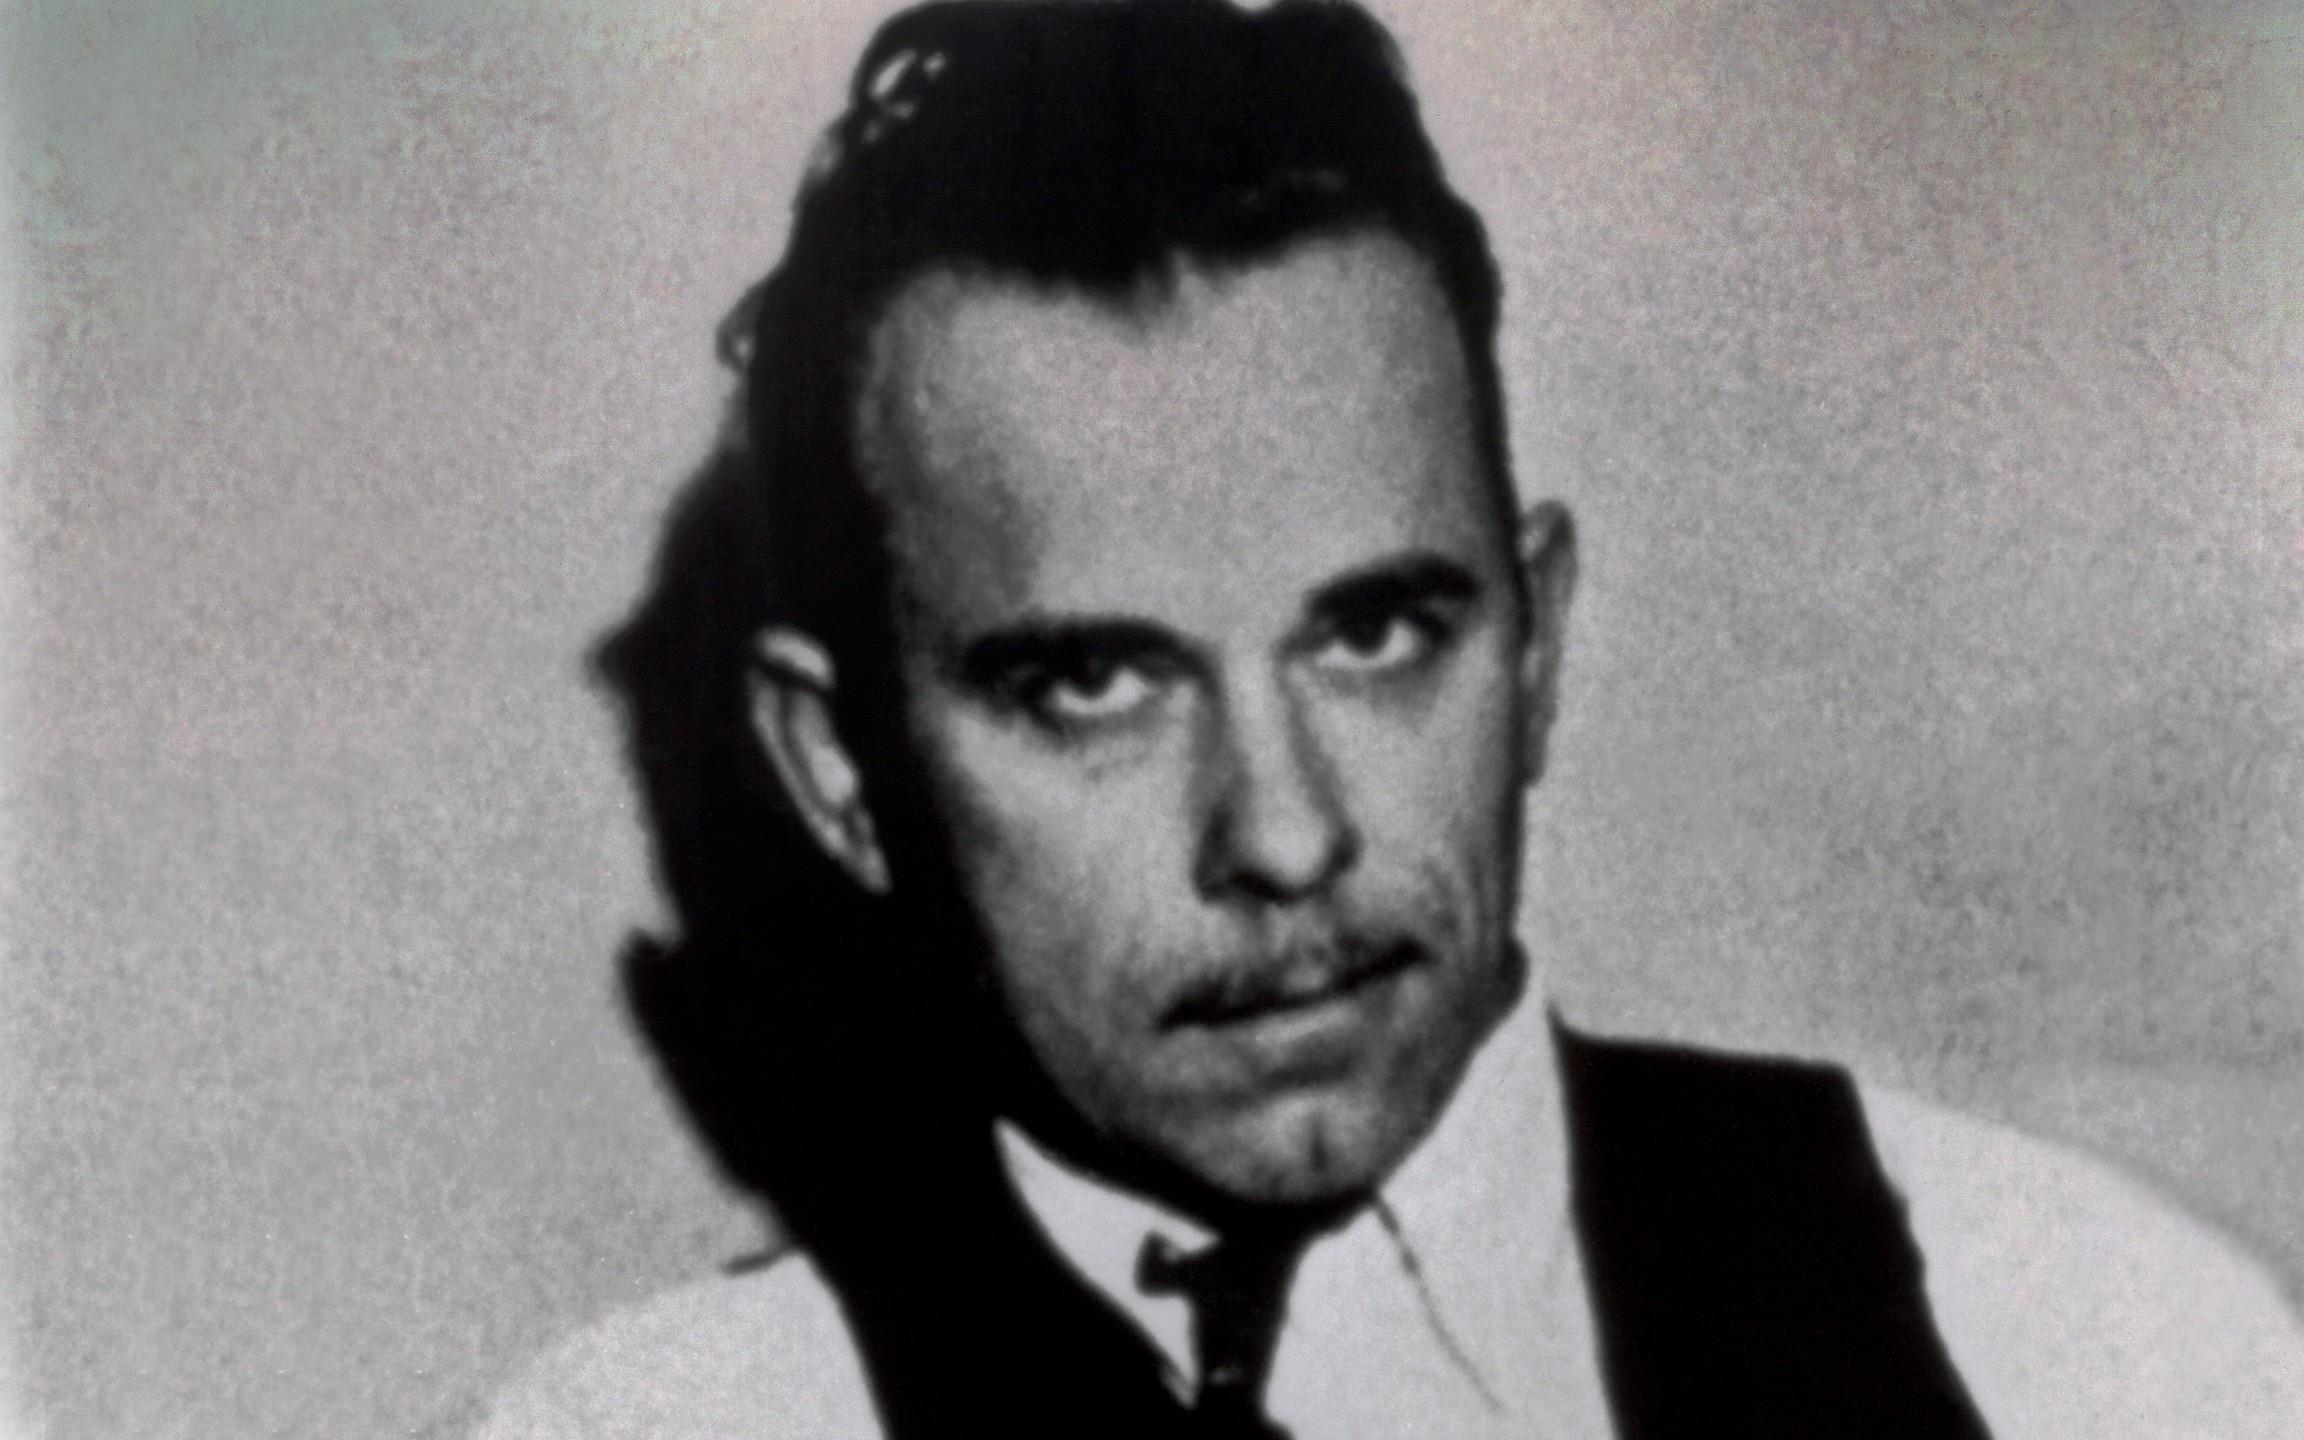 John Dillinger – famous gangster